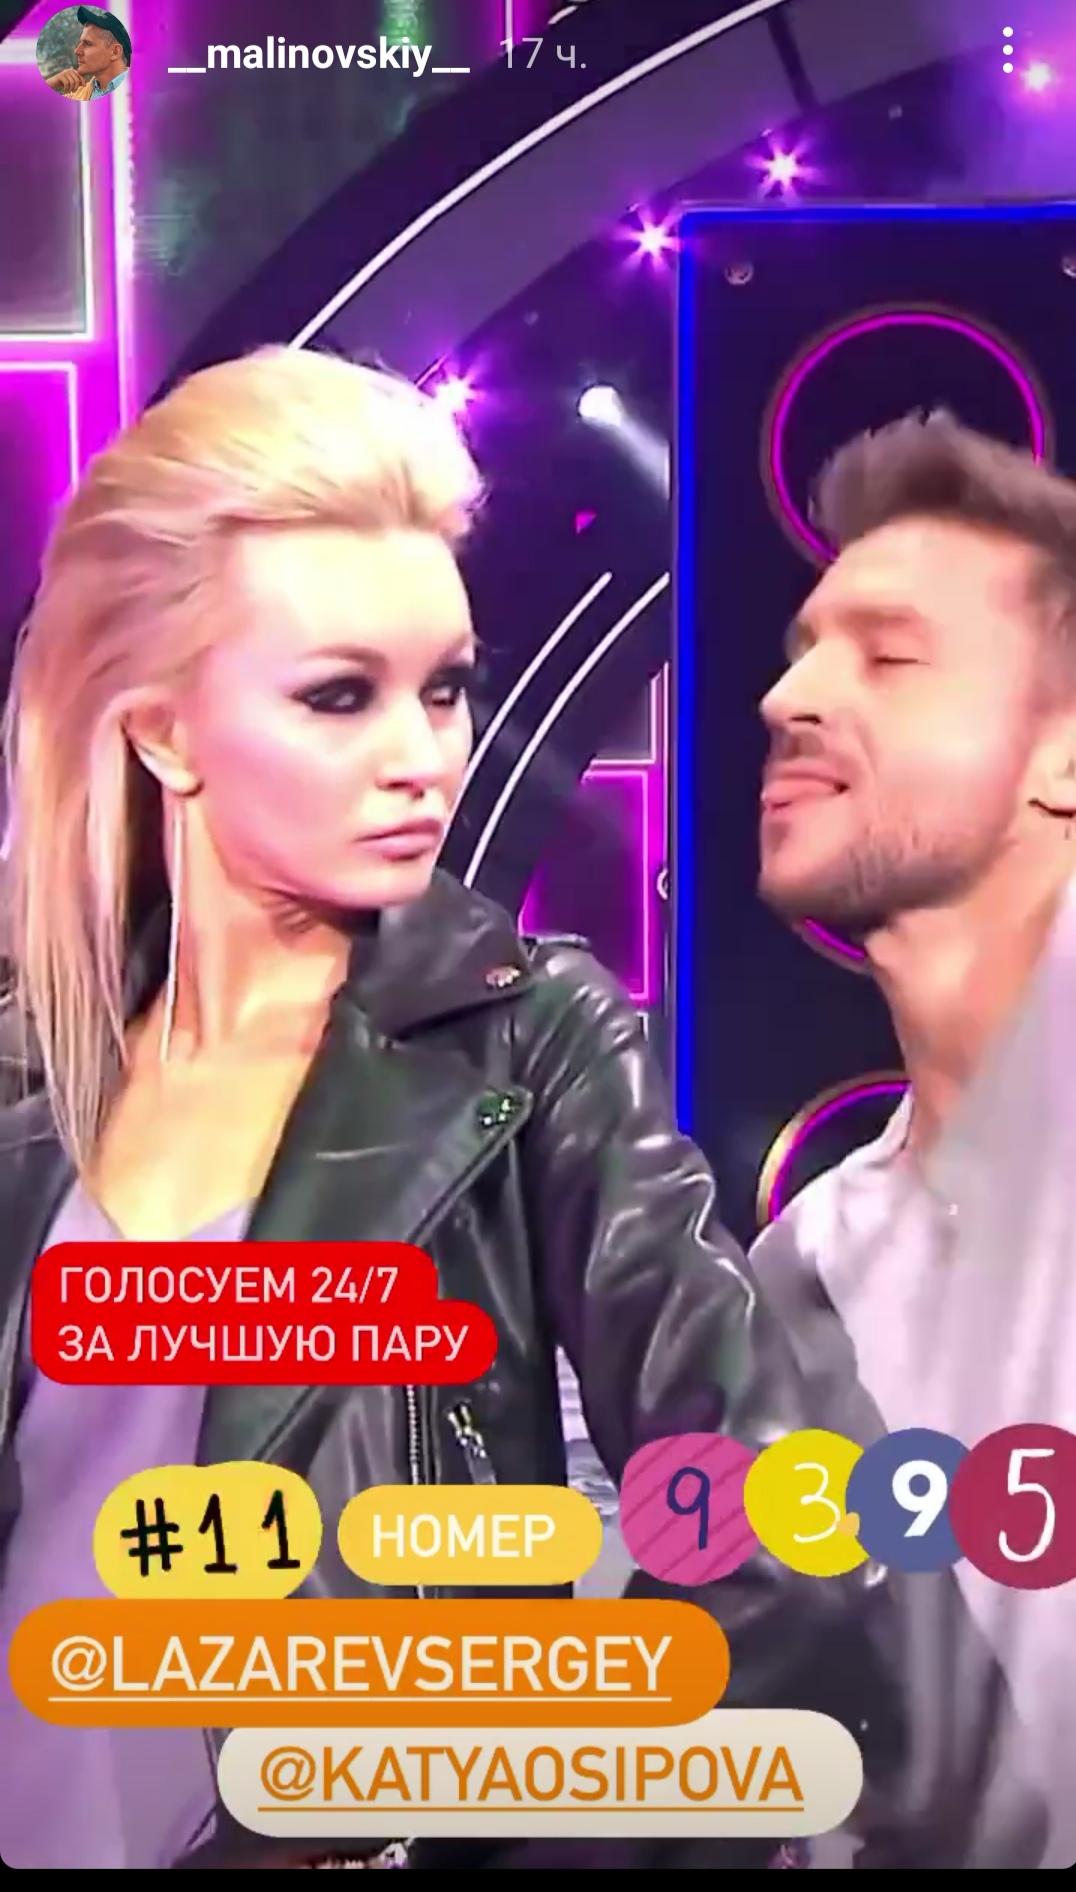 Алекс Малиновский показал, что Сергей Лазарев подарил ему на День влюбленных